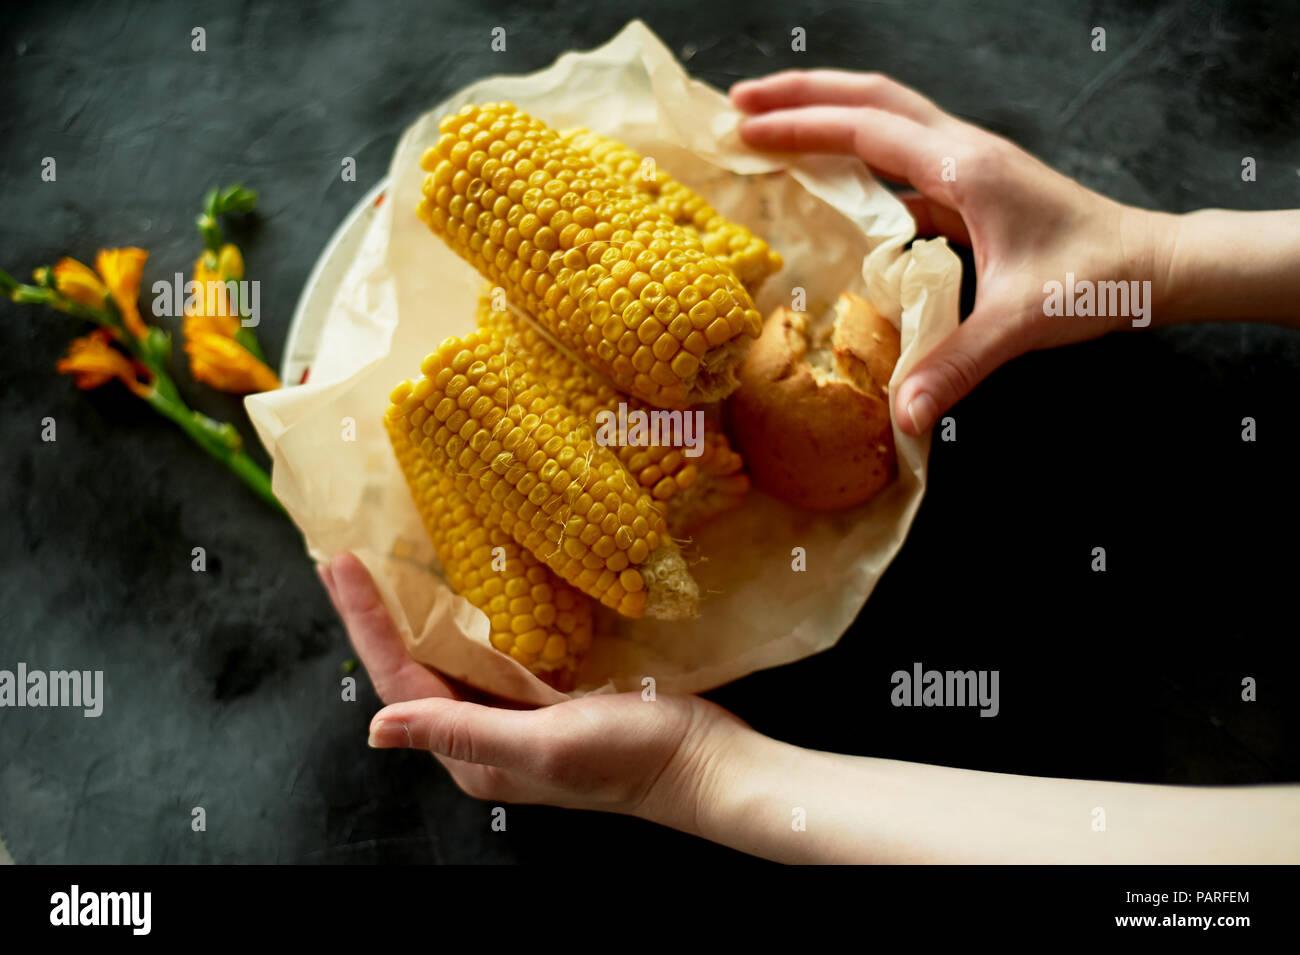 Eine Platte mit gekochte Maiskolben, auf Pergamentpapier, in einen Teller. Auf einem dunklen Hintergrund, im rustikalen Stil. Vegetarische einfaches Essen Stockbild